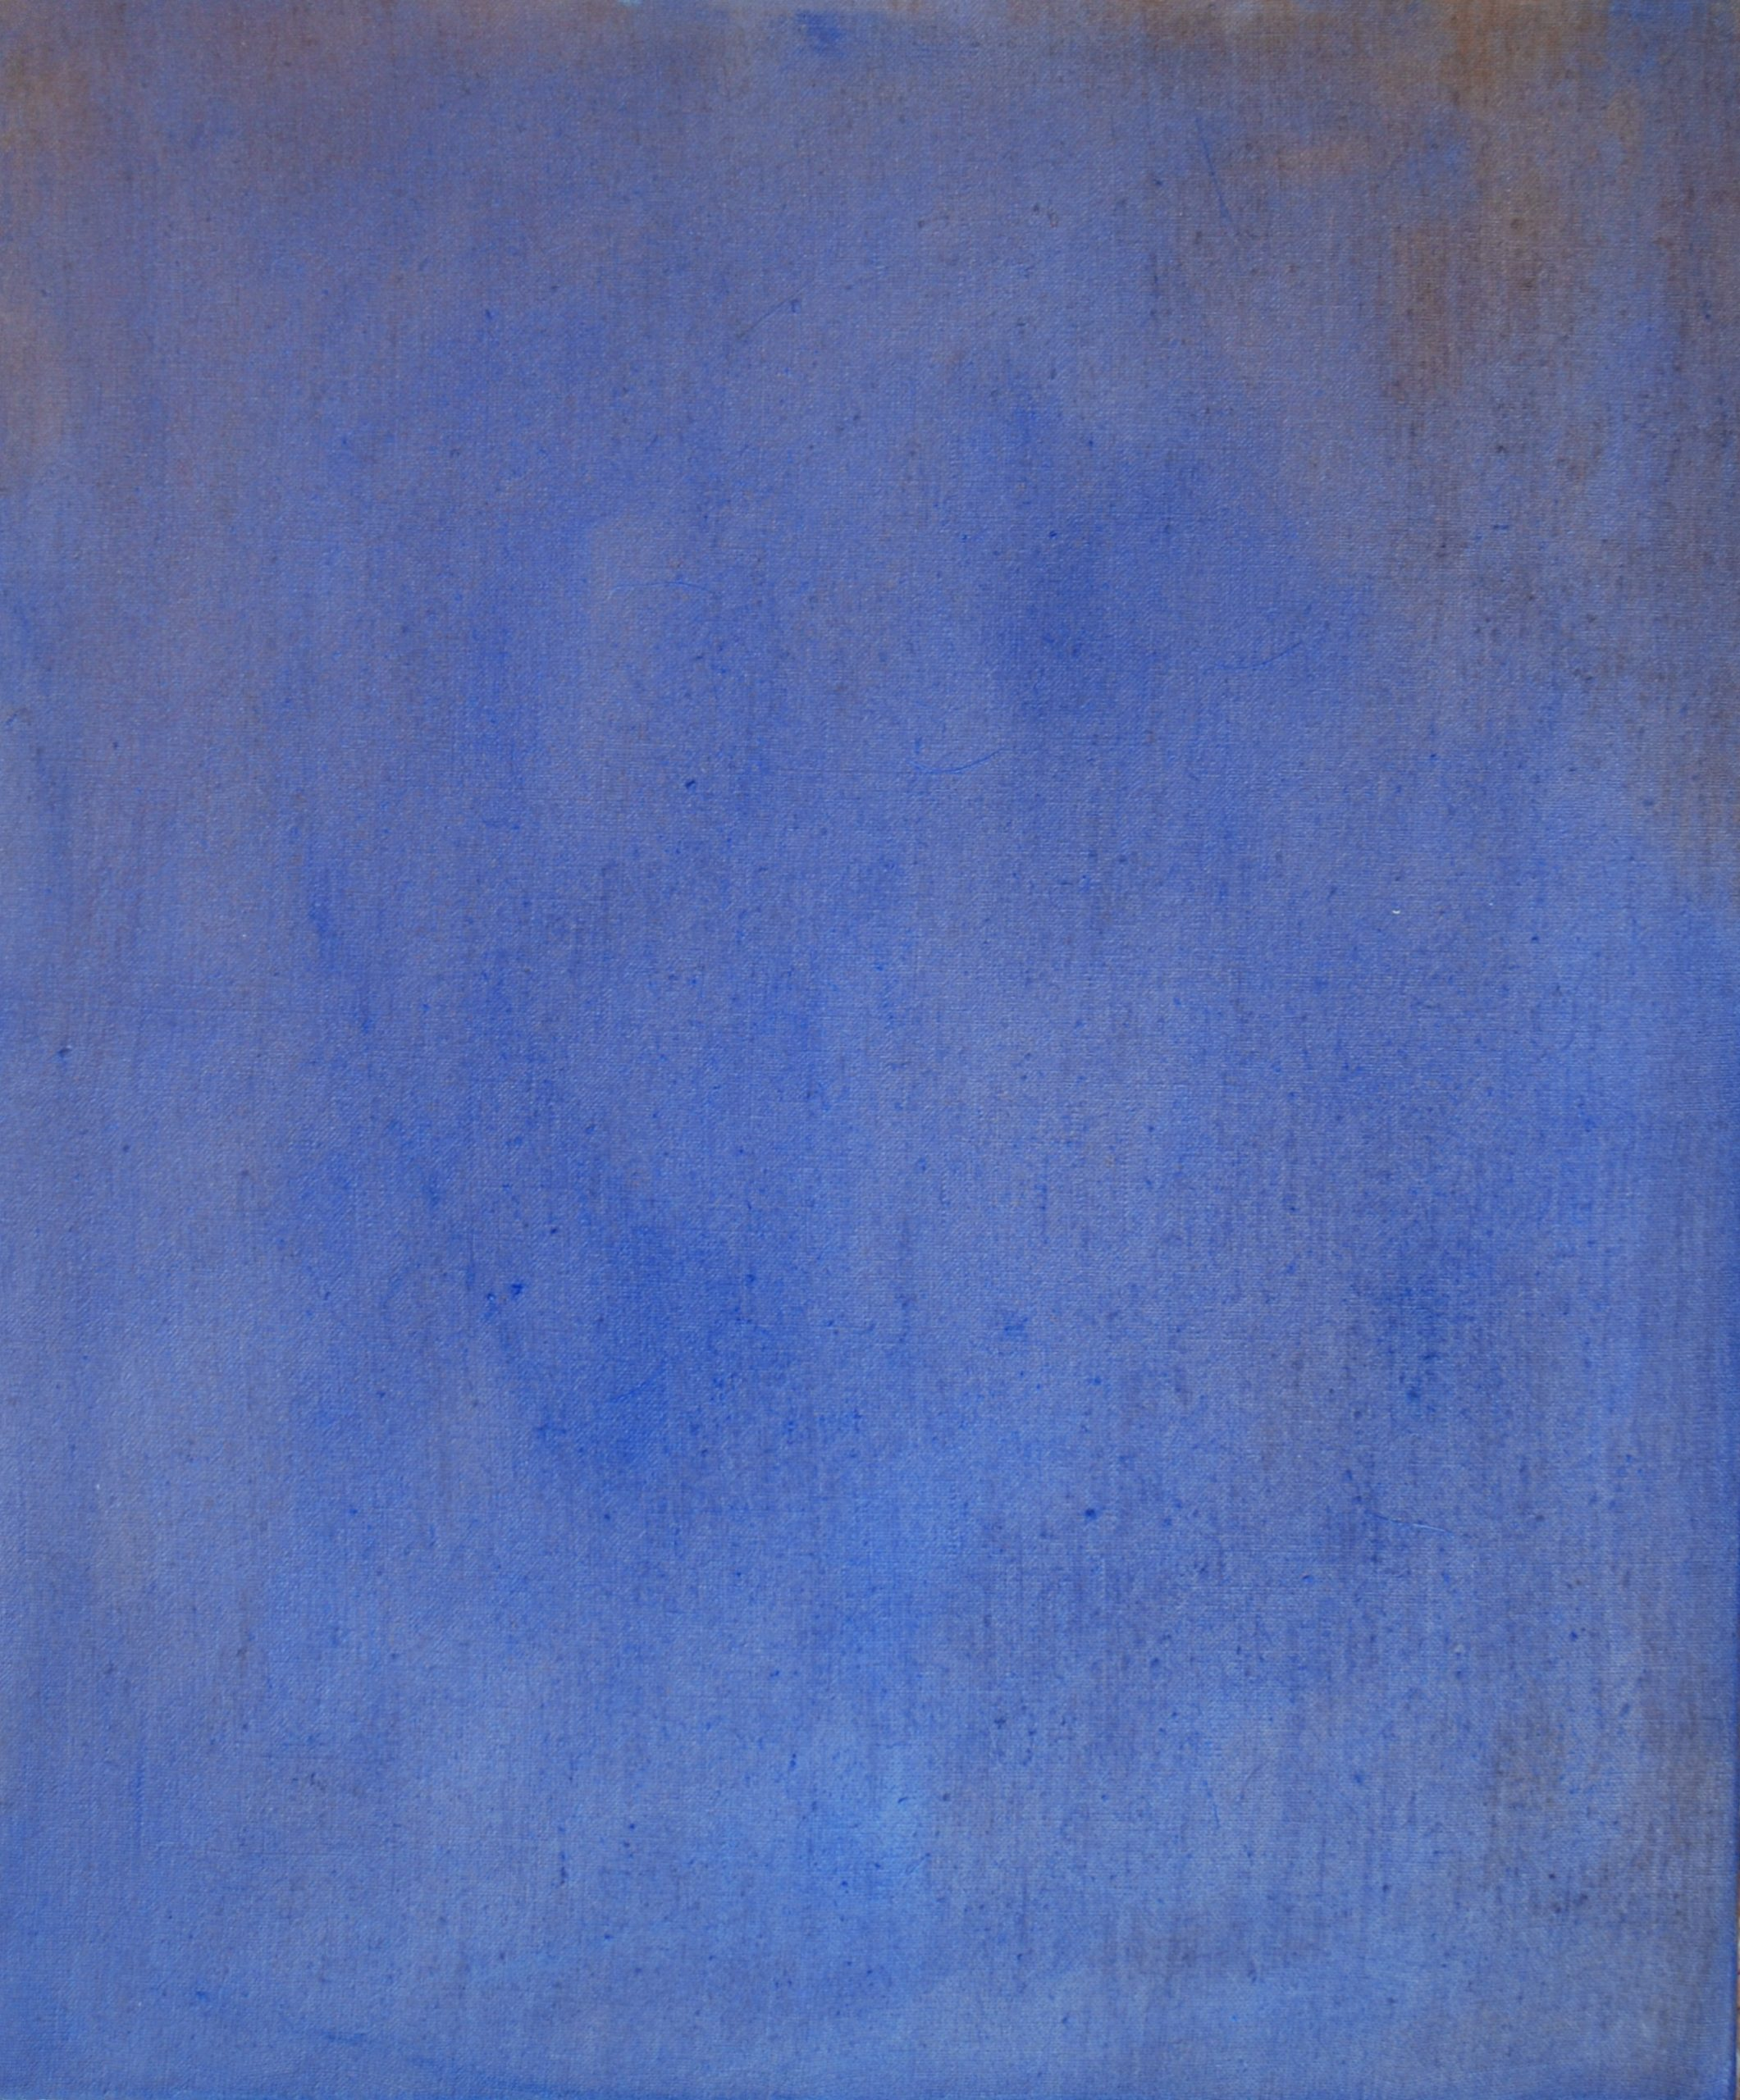 métamorphose 13 huile sur toile 65x55 cm